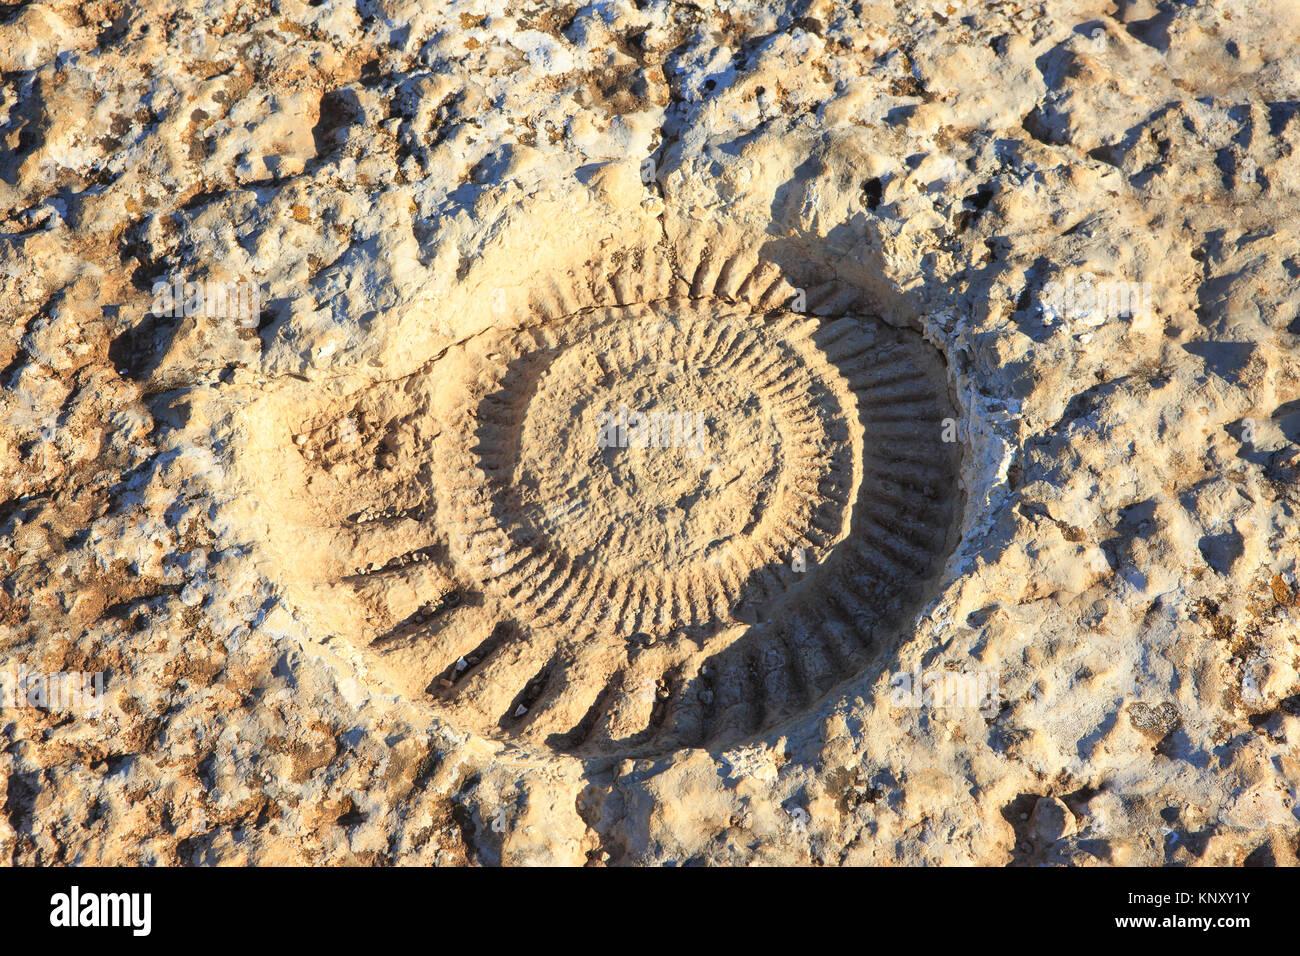 Primer plano de un ammonites fosilizados de la época Jurrasic en El Torcal de Antequera reserva natural, ubicado al sur de la ciudad de Antequera, España Foto de stock